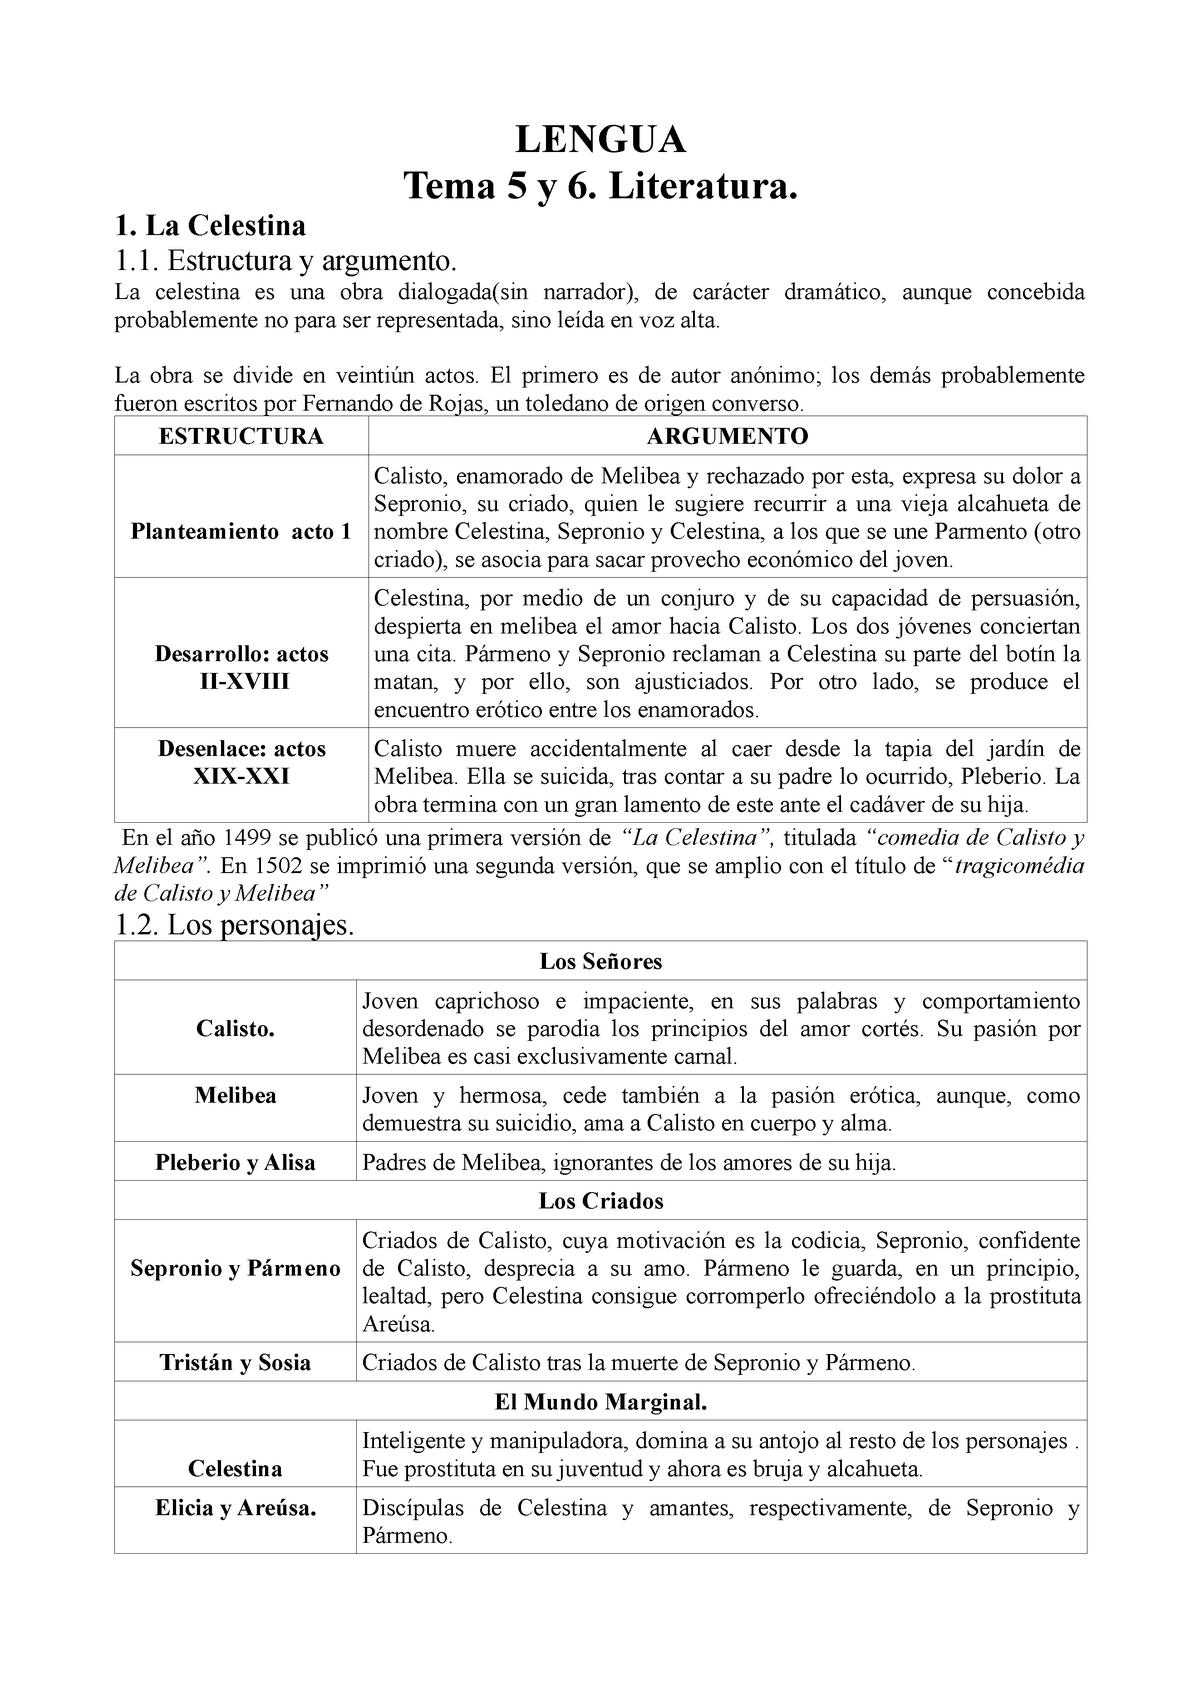 Lengua Tema 5 Y 6 Apuntes 5 6 Literatura Española 301031